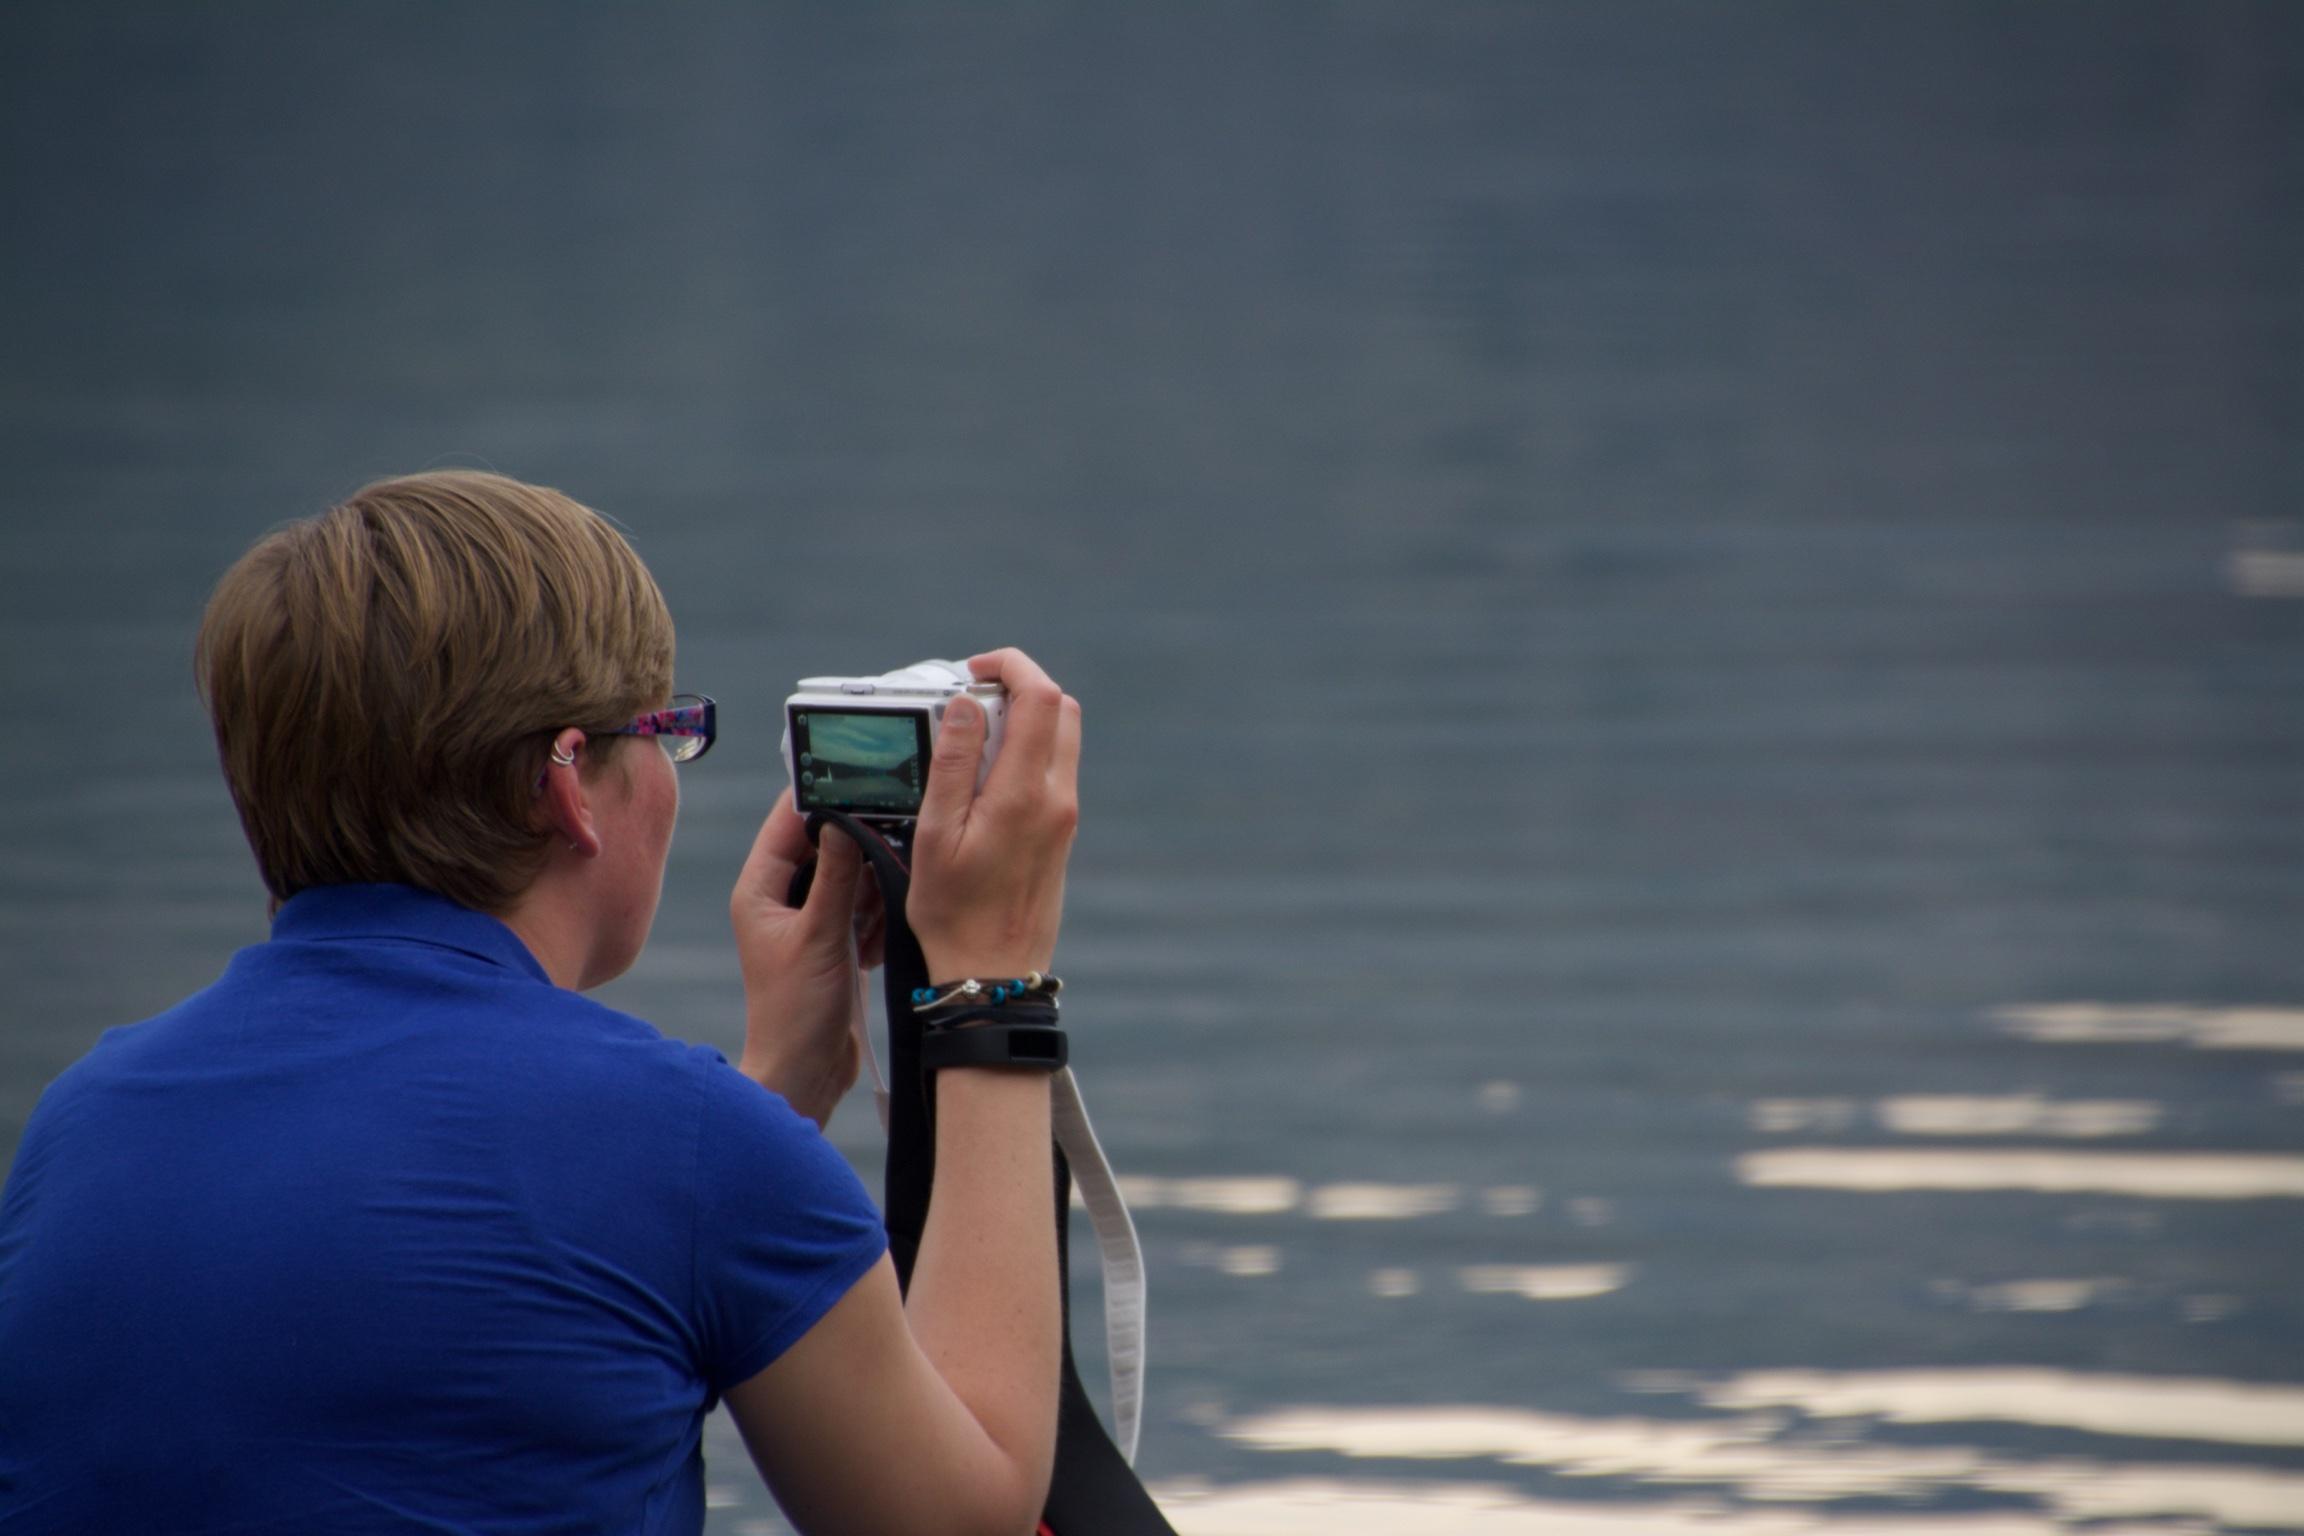 Marcella camera